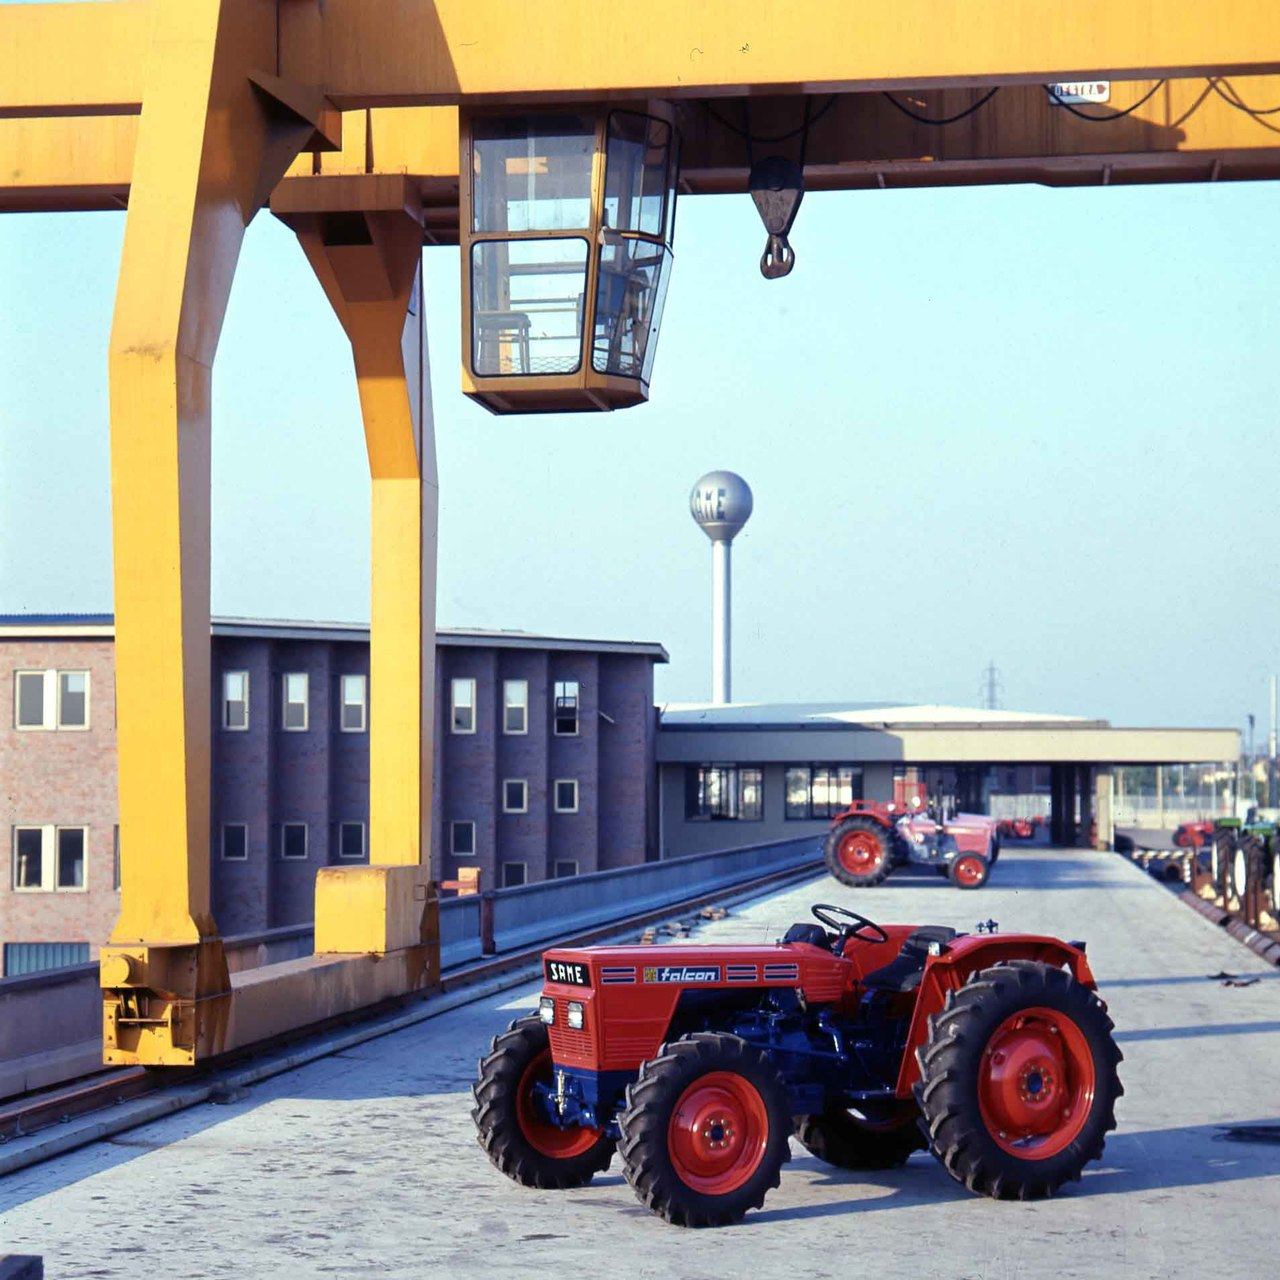 [SAME] trattore Falcon presso lo stabilimento di Treviglio